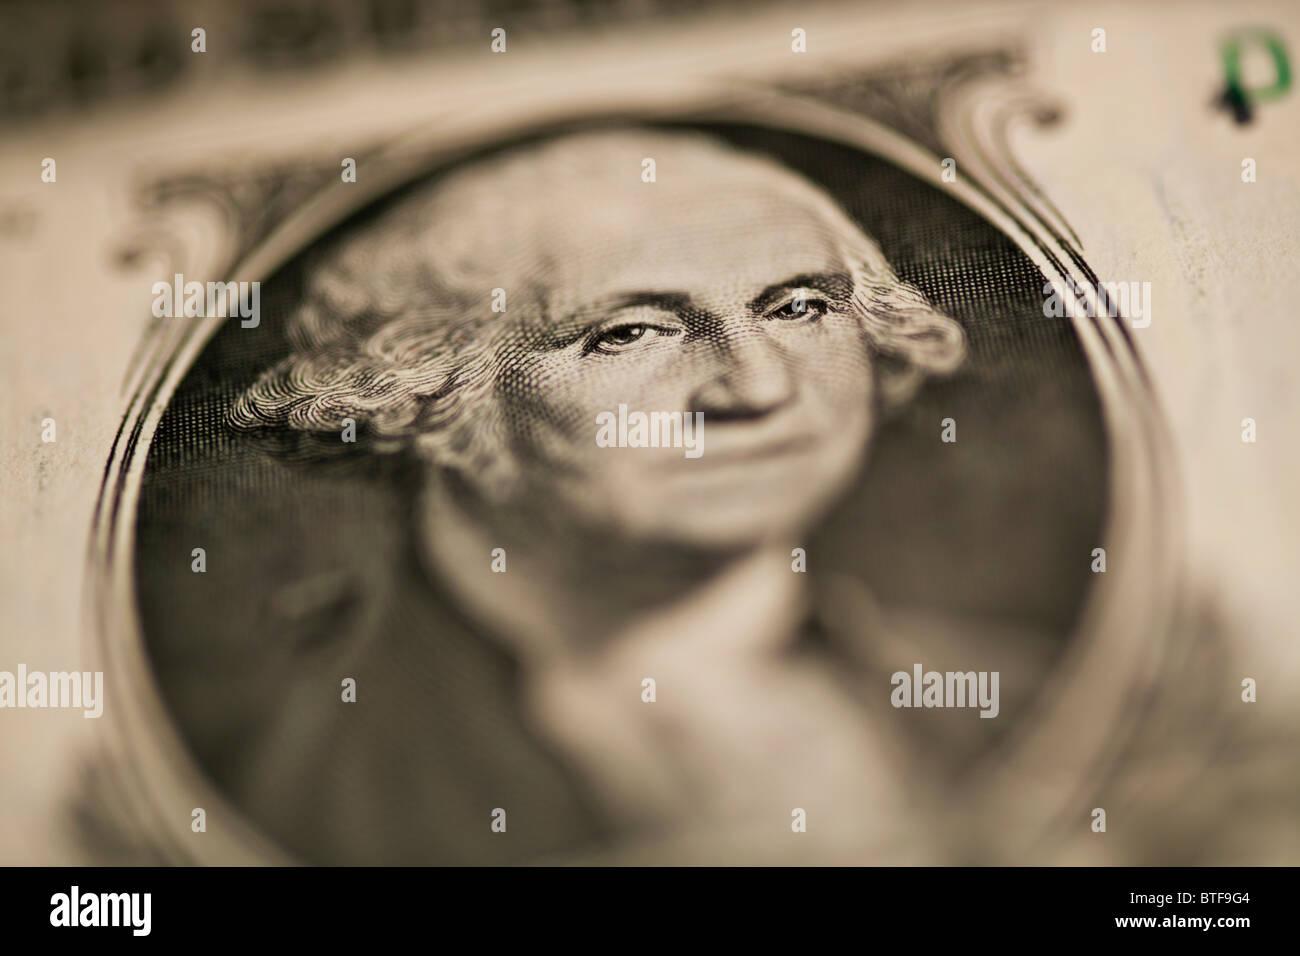 Portrait de George Washington sur un dollar bill Photo Stock